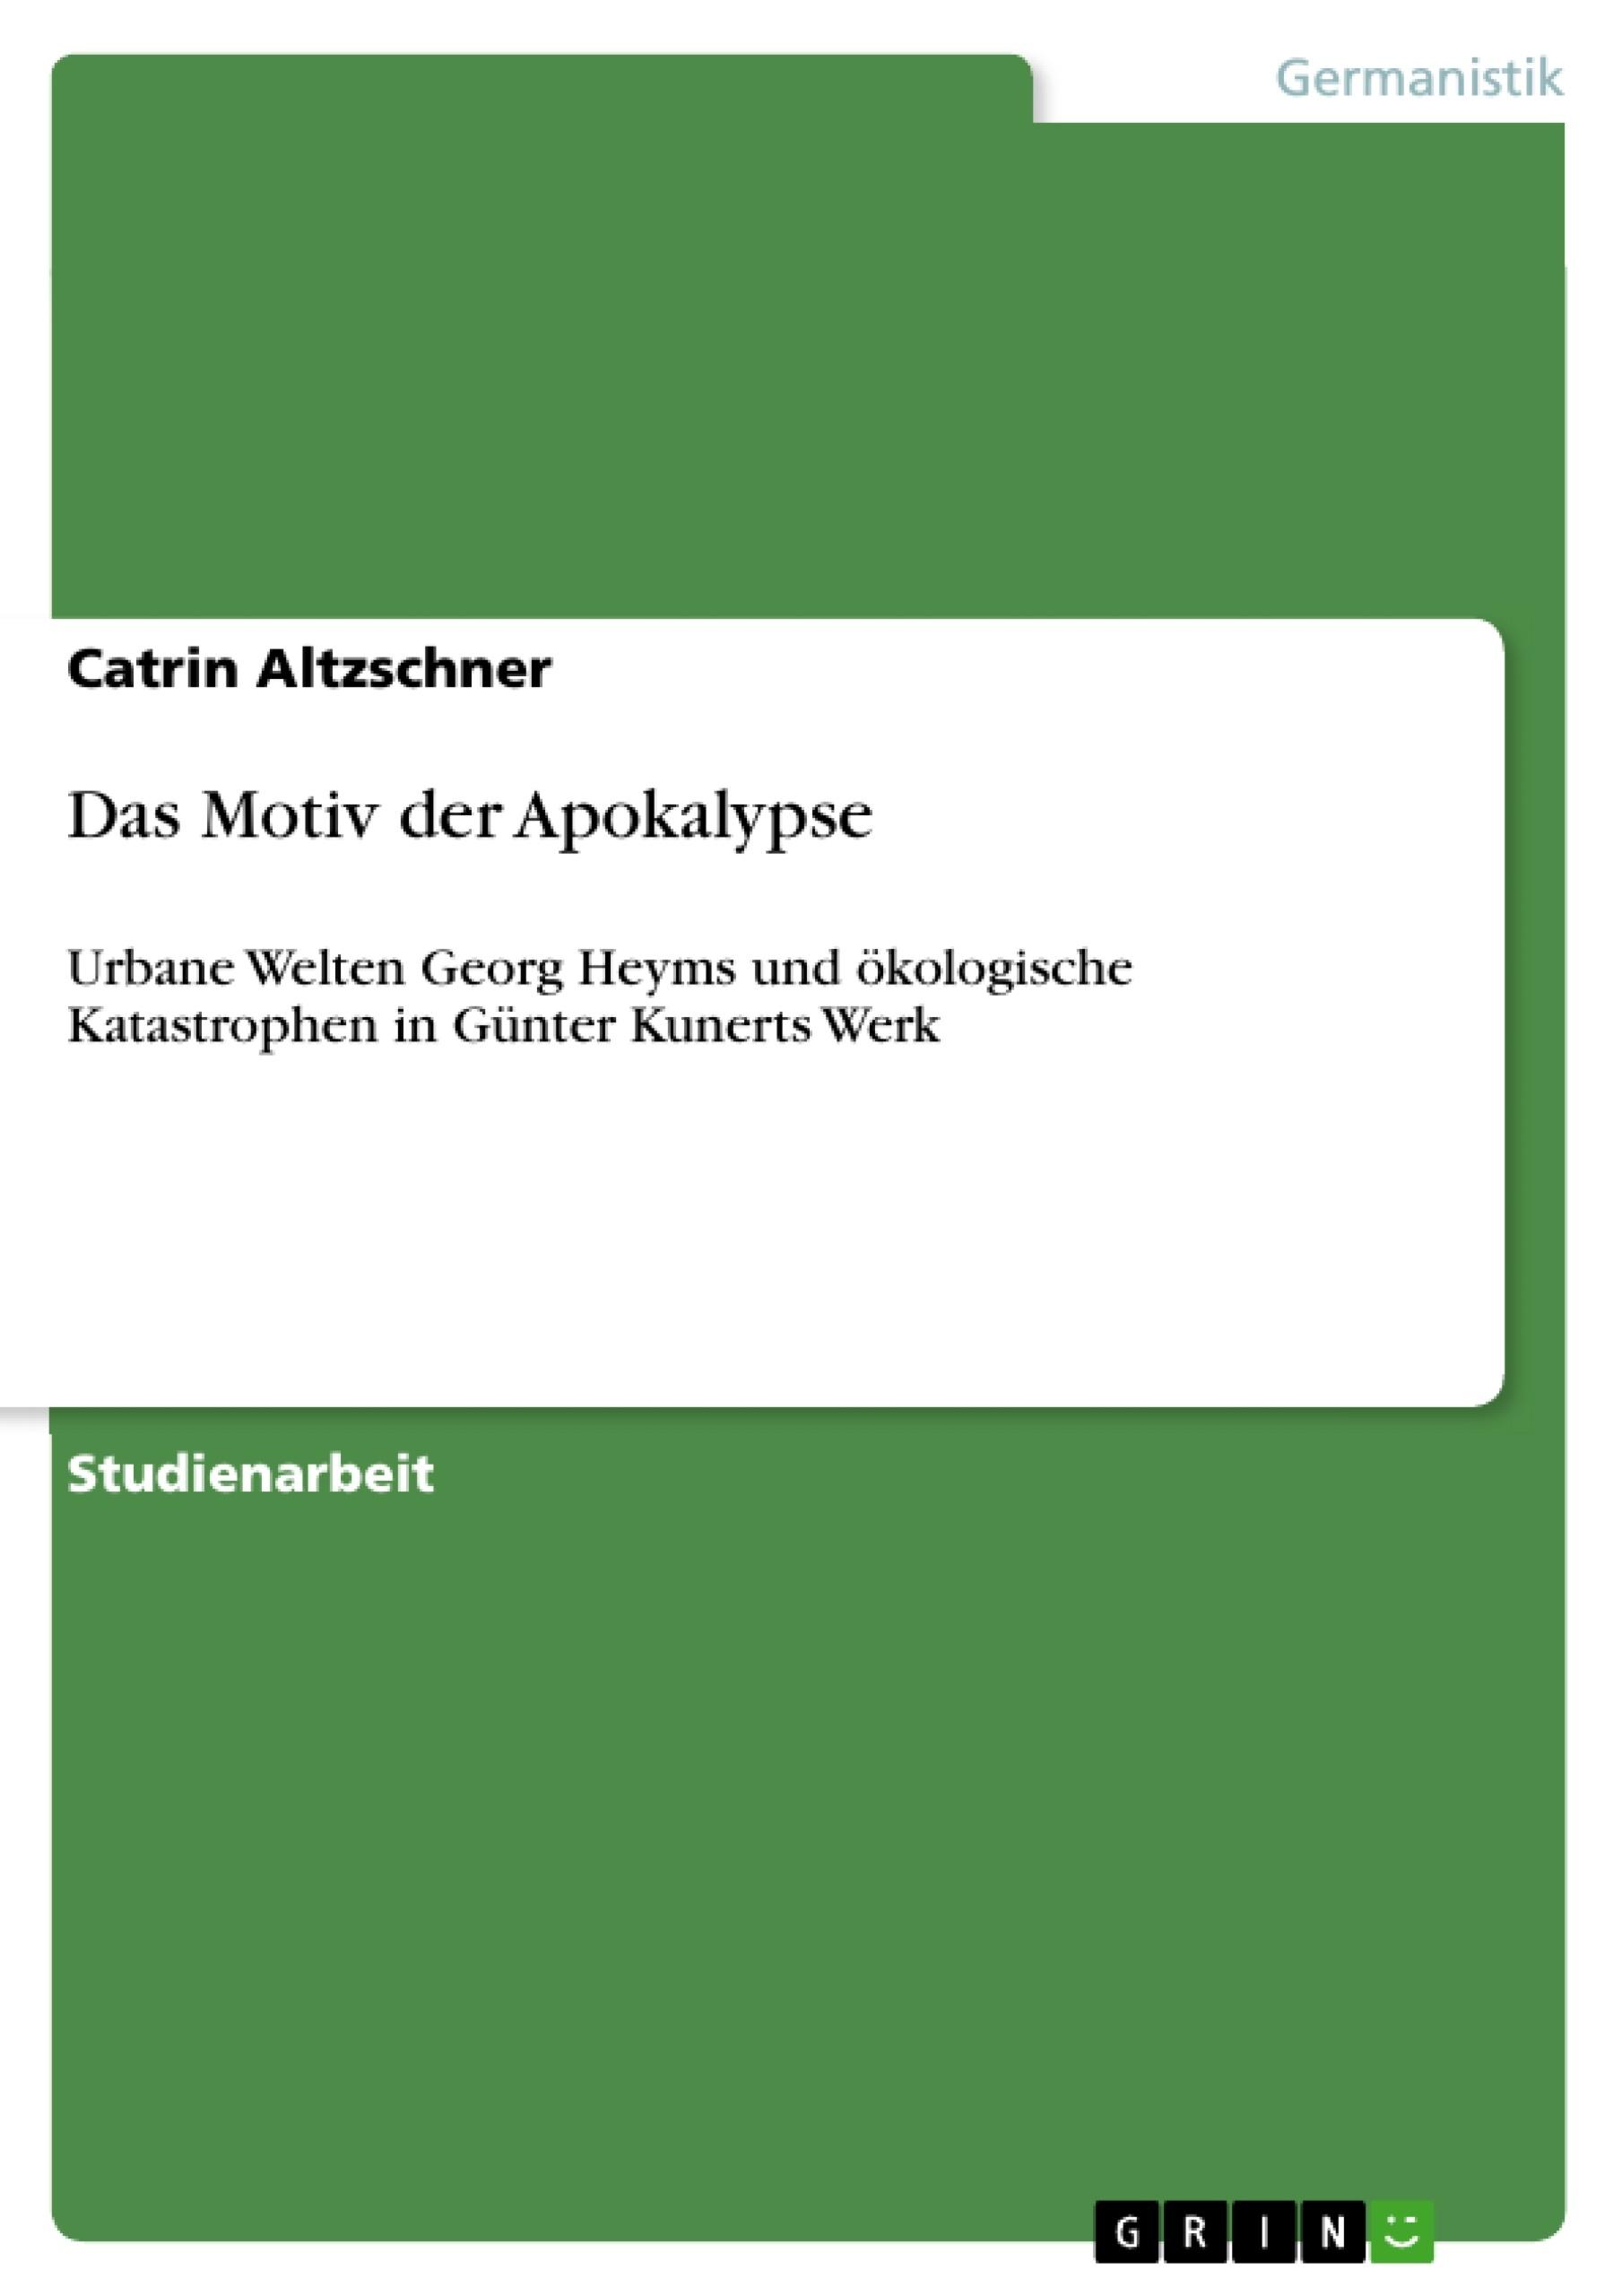 Titel: Das Motiv der Apokalypse